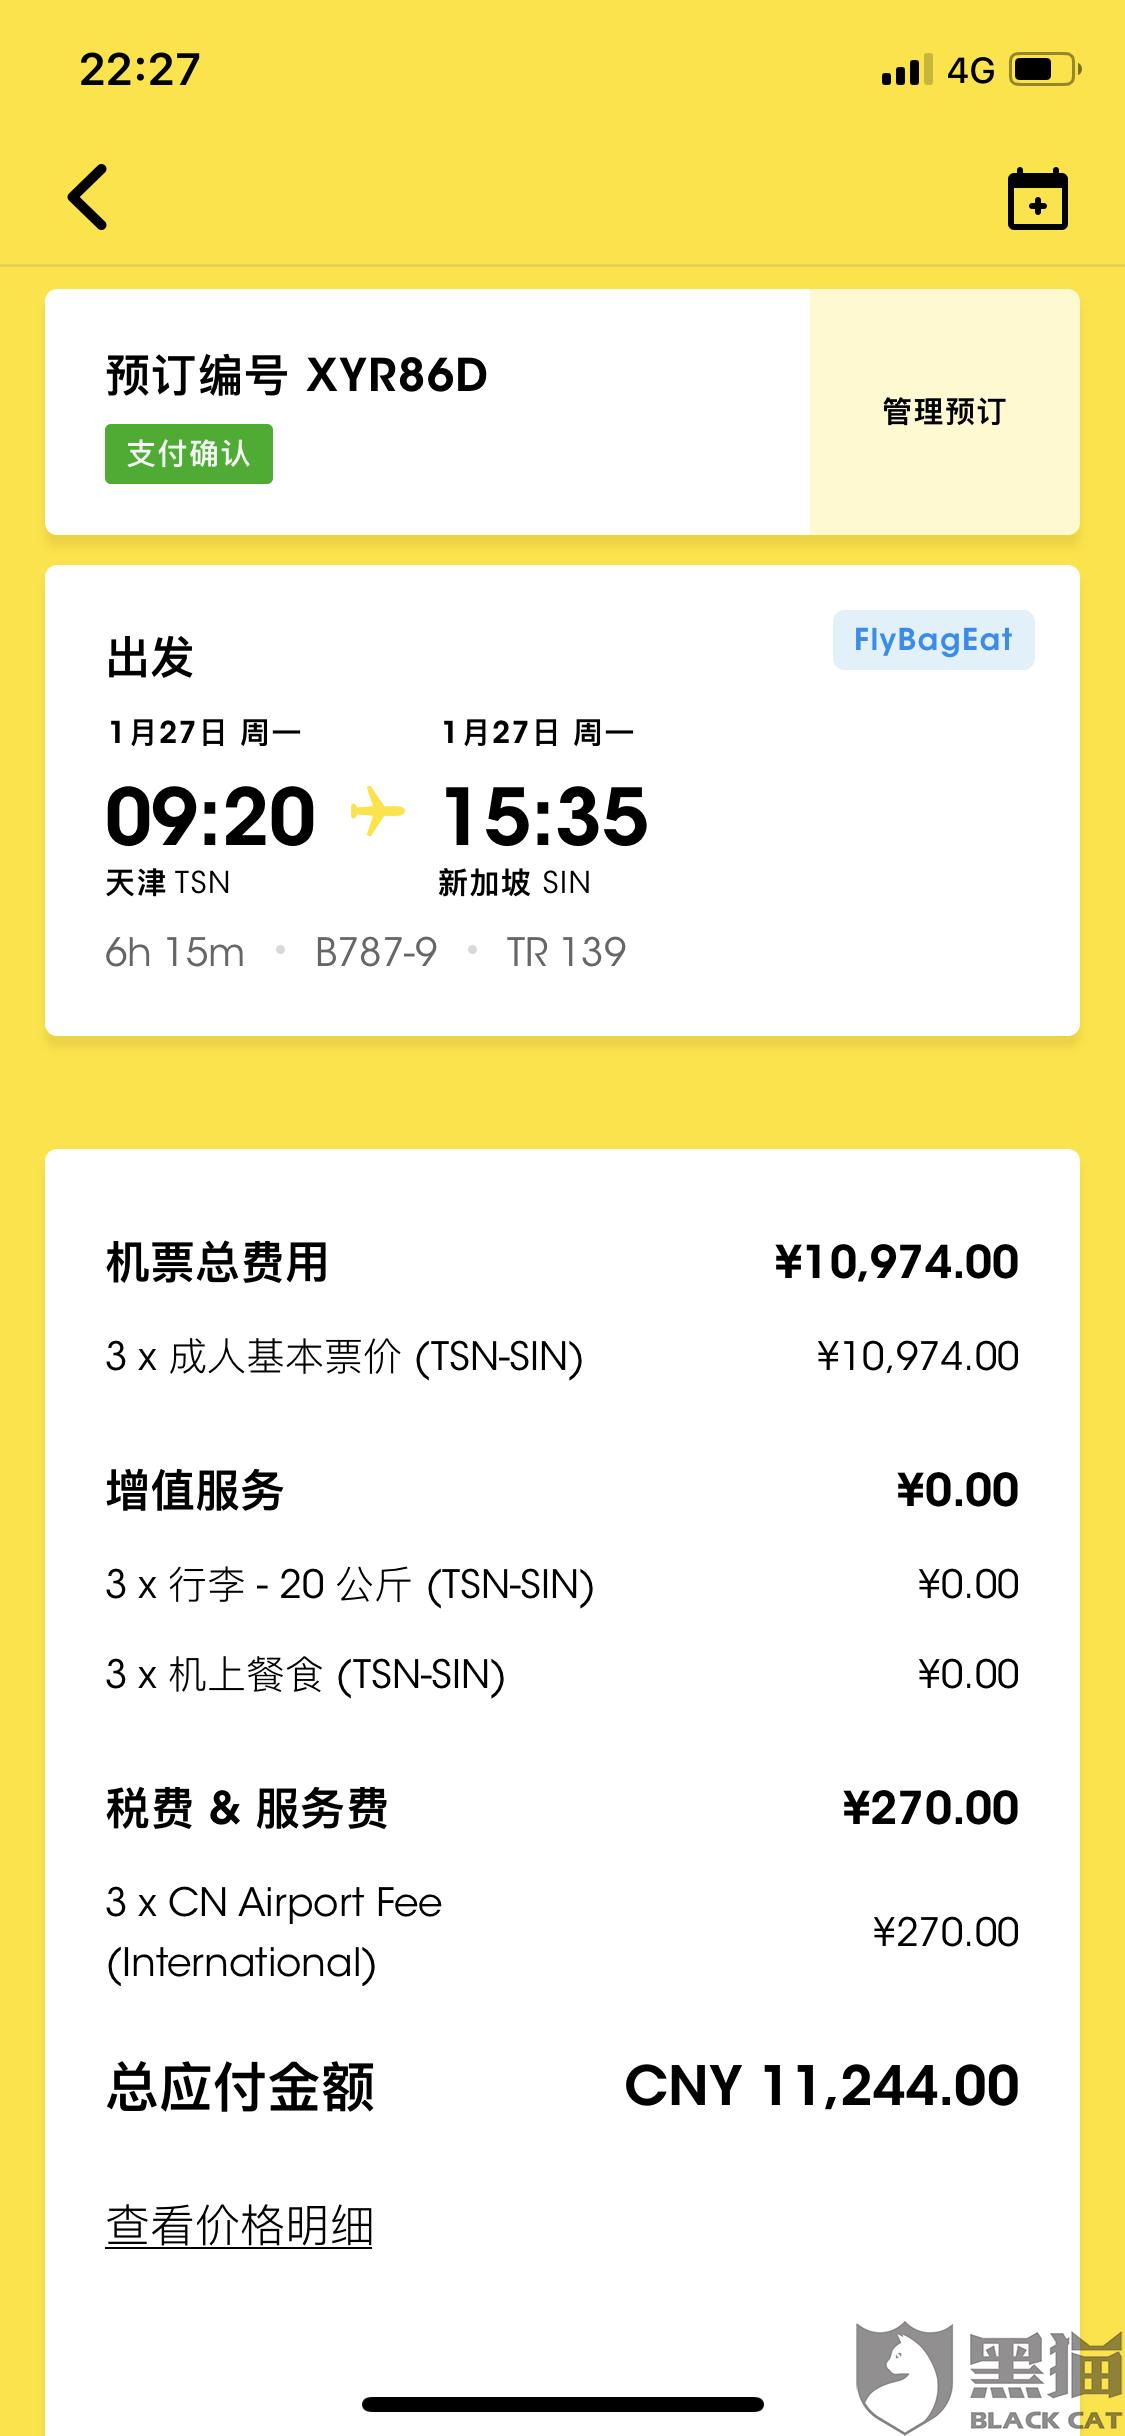 黑猫投诉:春节前购买酷航机票,疫情酷航政策全额退款,过了两个多月却没有处理